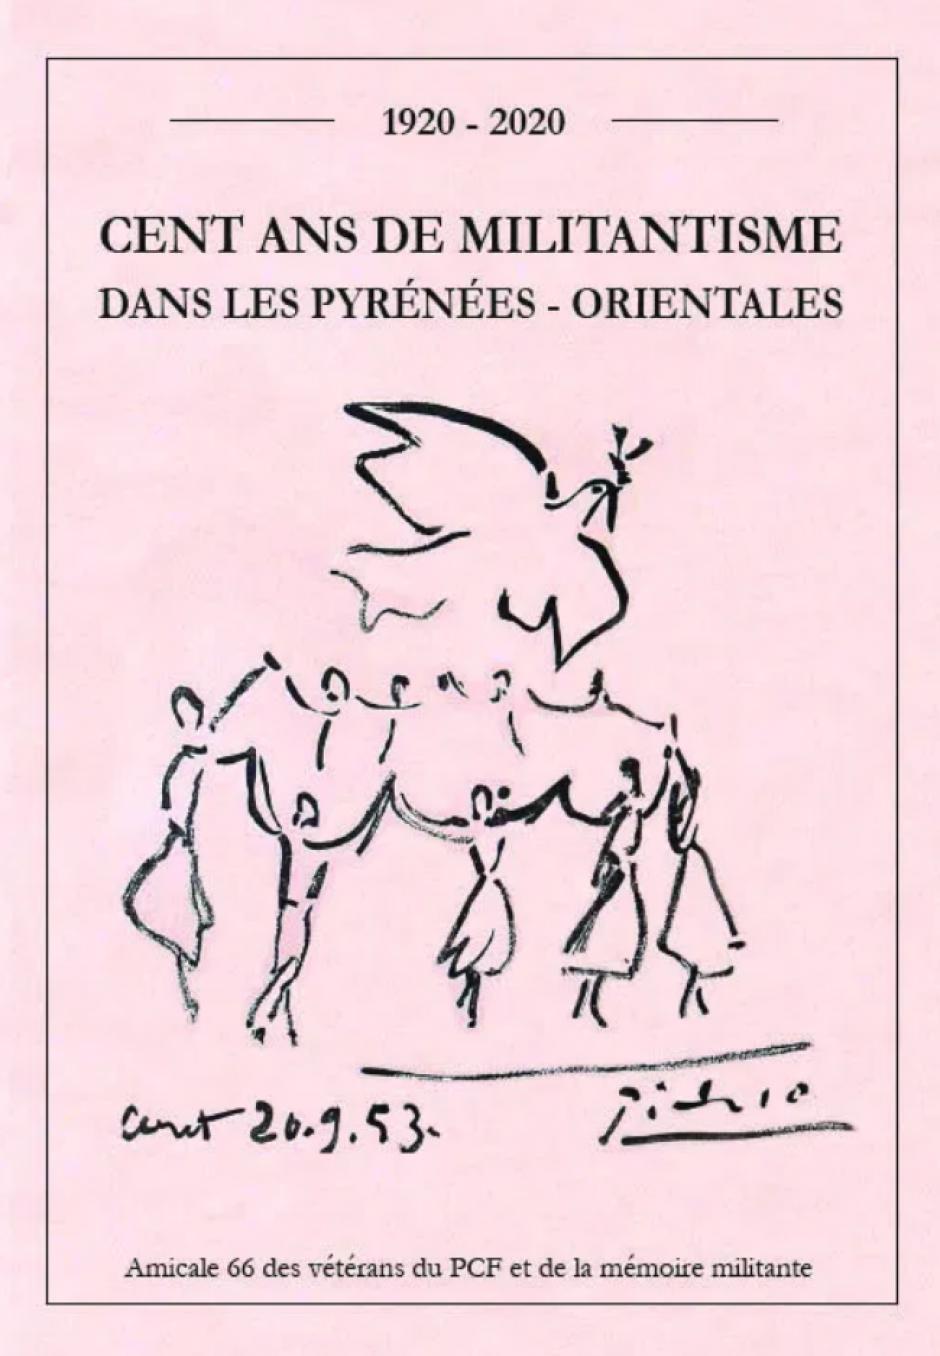 1920-2020. Cent ans de militantisme dans les Pyrénées-Orientales